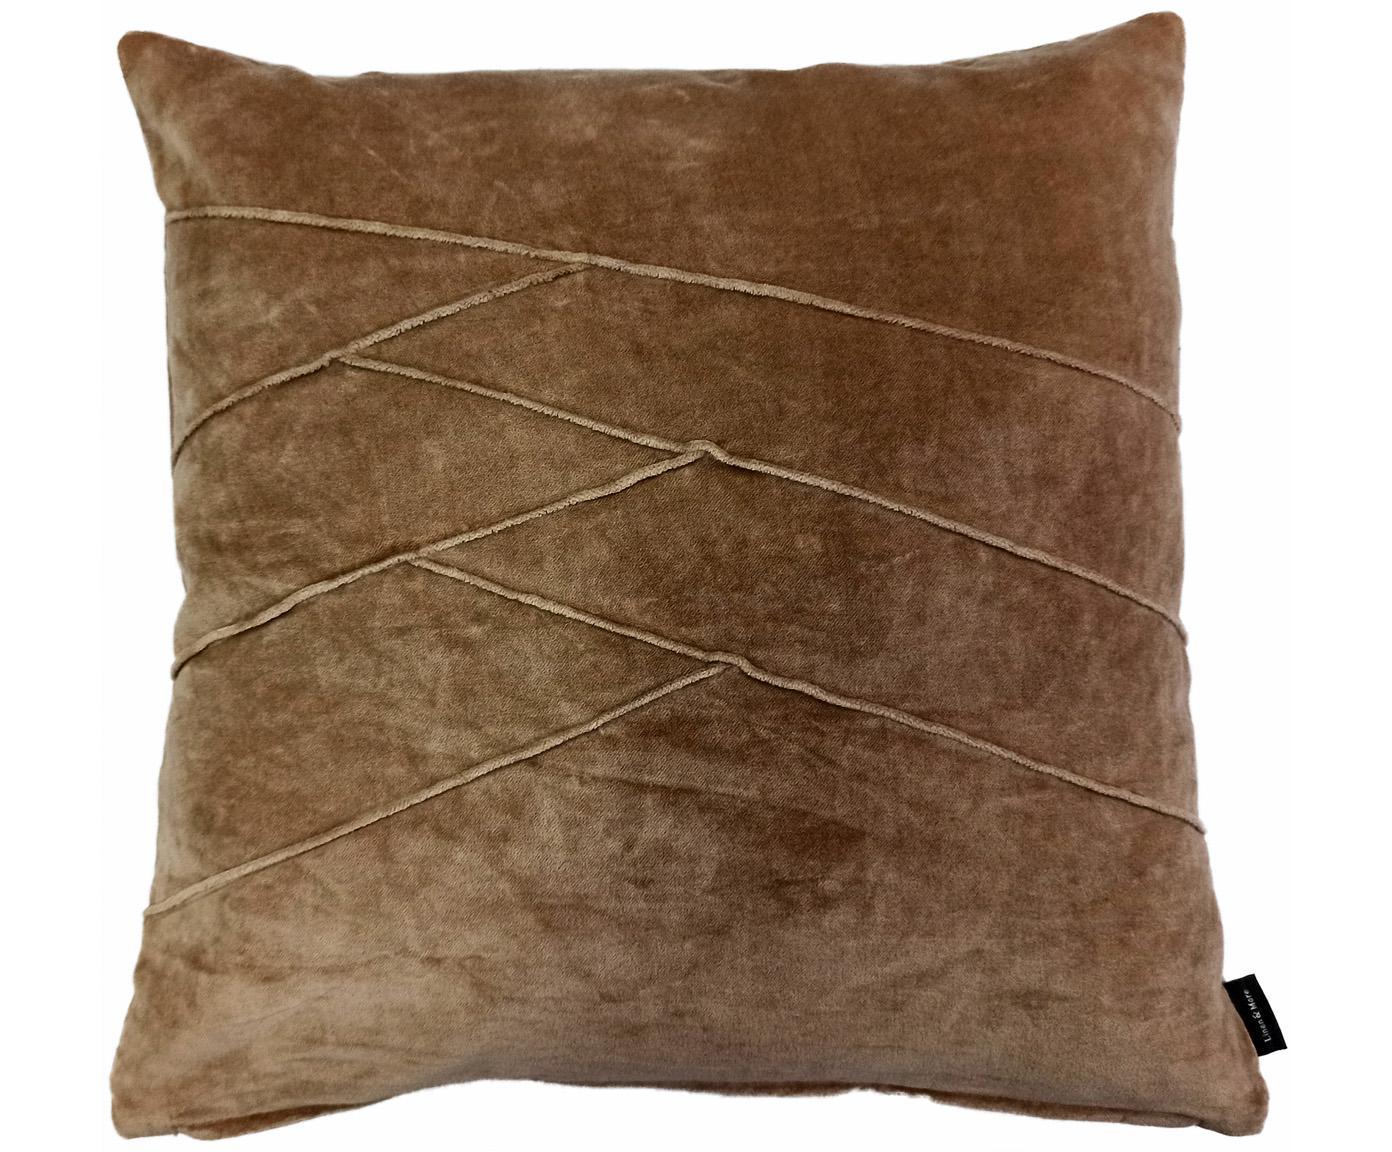 Fluwelen kussen Pintuck in bruin met verhoogd structuurpatroon, met vulling, Weeftechniek: fluweel, Roze, 45 x 45 cm